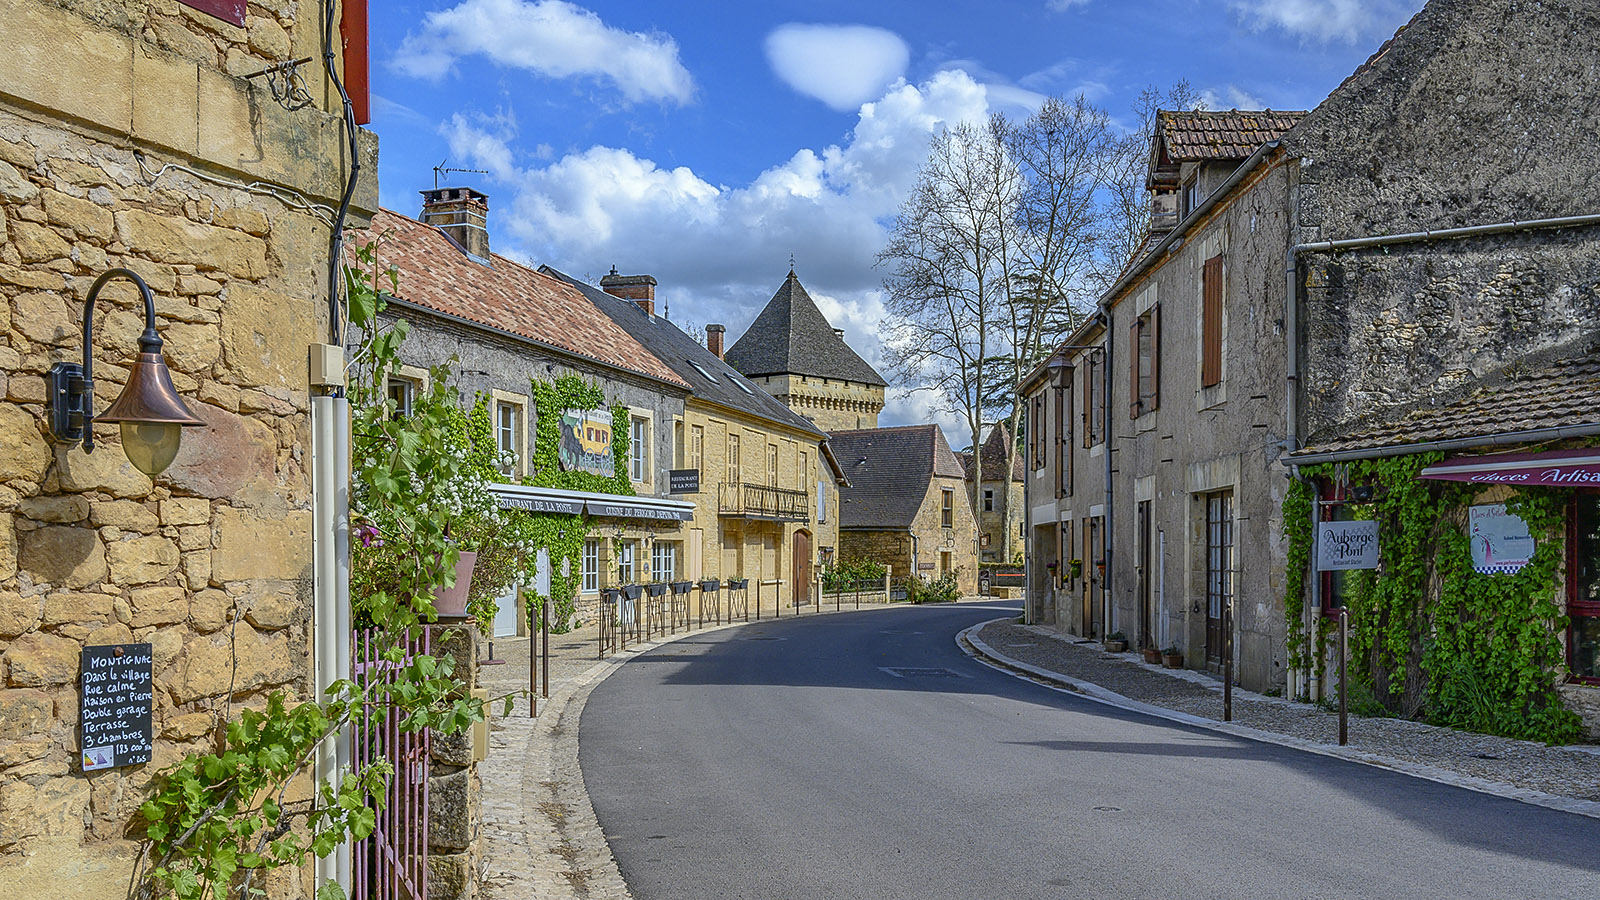 Im Ortszentrum von Saint-Léon-sur-Vézere. Foto: Hilke Maunder